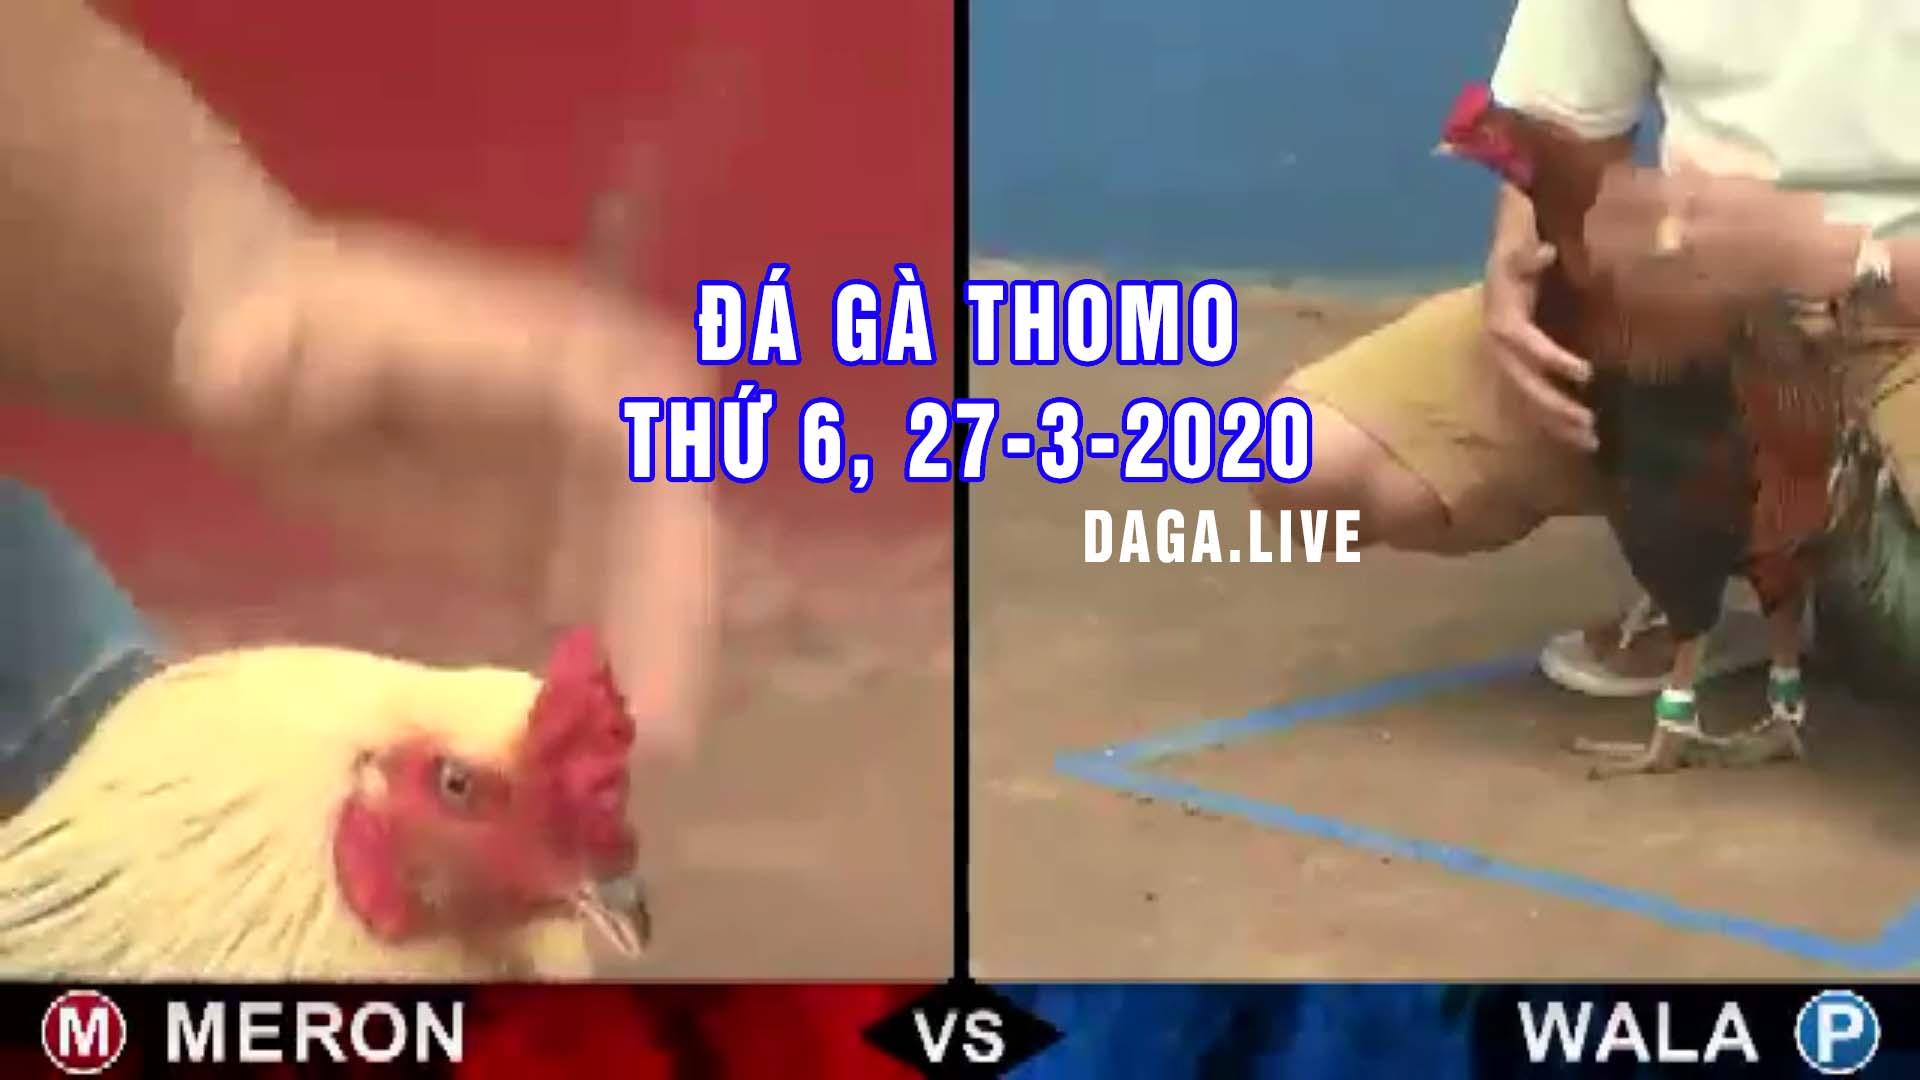 DAGA.LIVE- Đá gà thomo hôm nay, đá gà campuchia, đá gà trực tiếp, đá gà cựa sắt thứ 6 ngày 27-3-2020